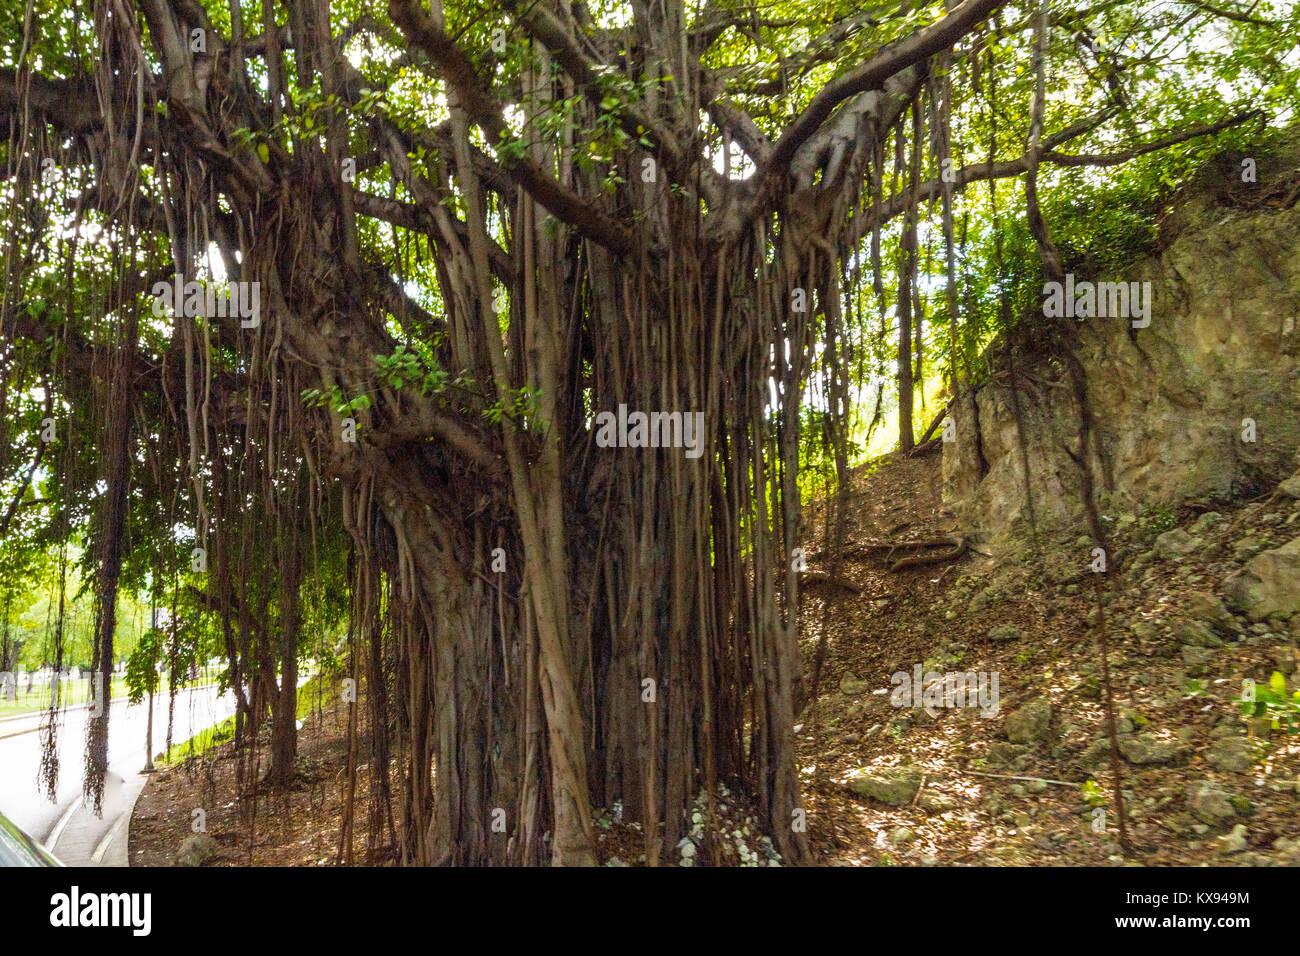 Großer Baum mit Wurzeln in der Luft hängen Stockbild